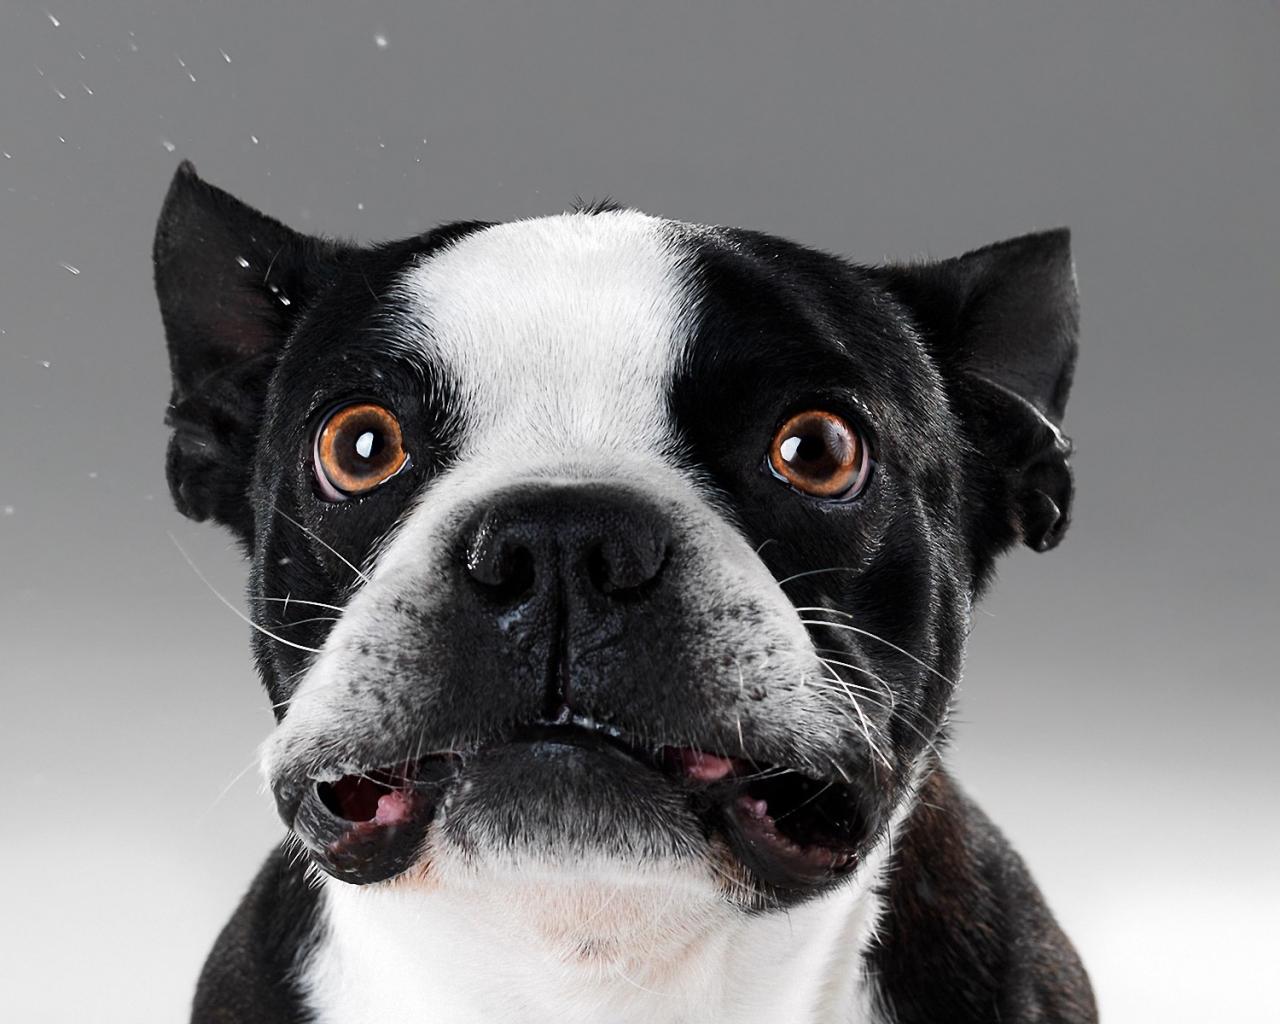 Caras de perros - 1280x1024